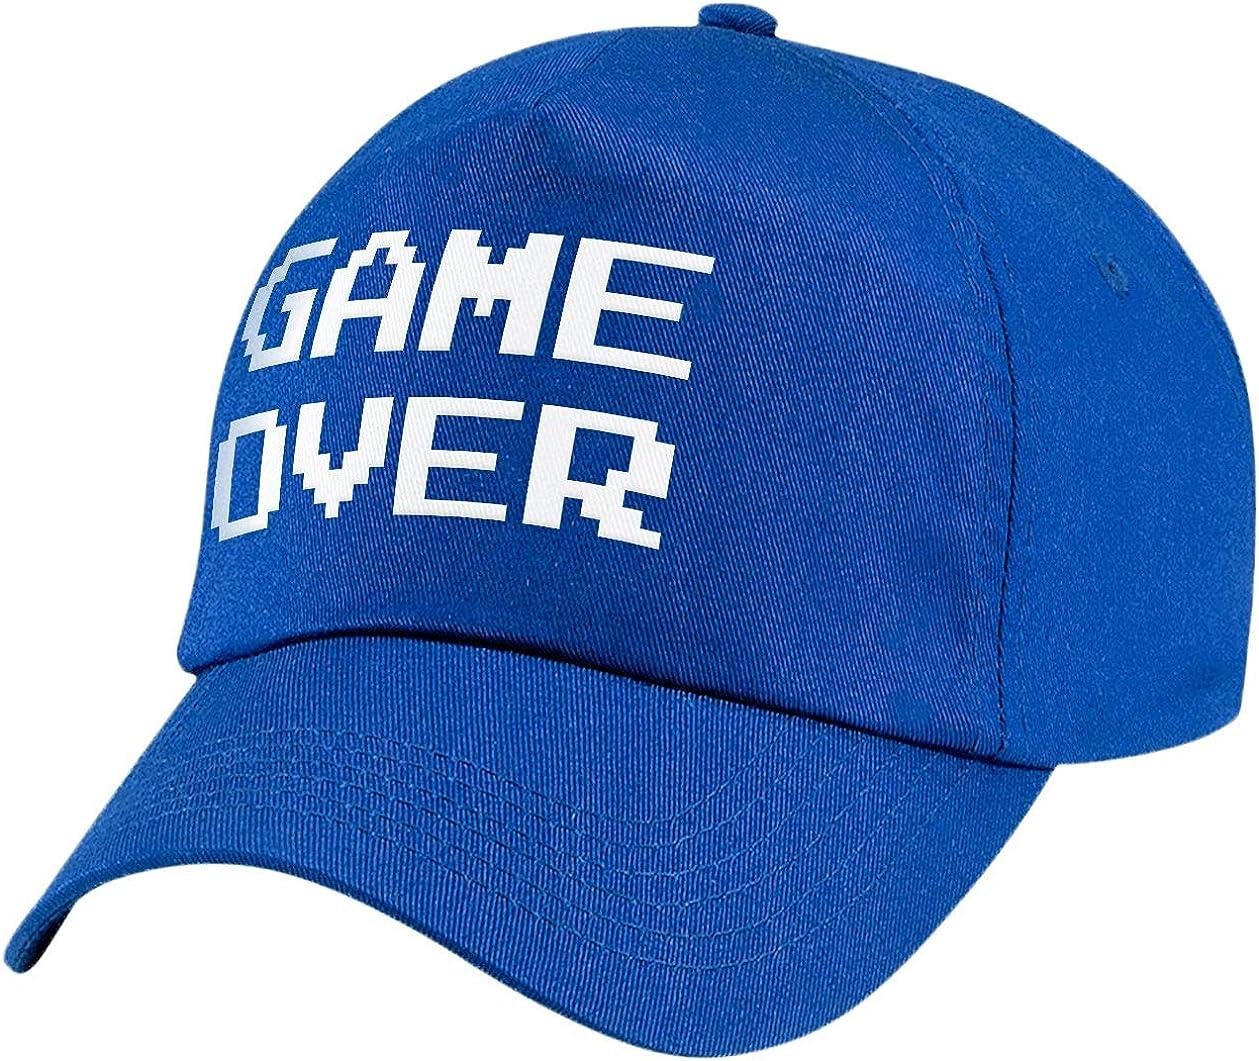 Cappello estivo da baseball per bambini Laylawson